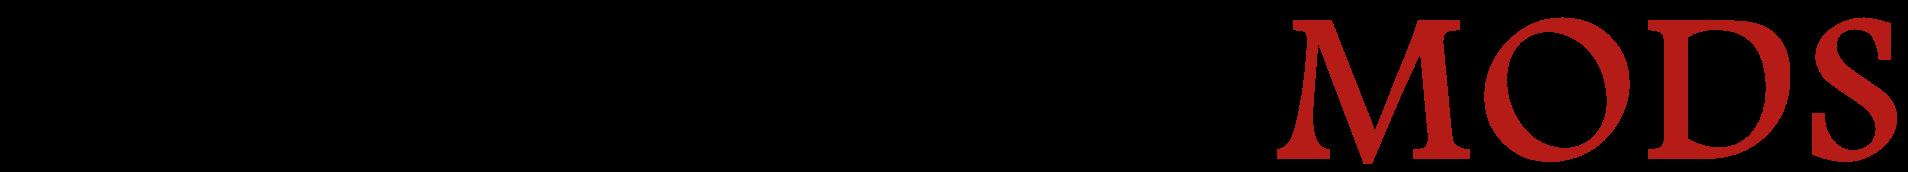 7 days to die mods logo